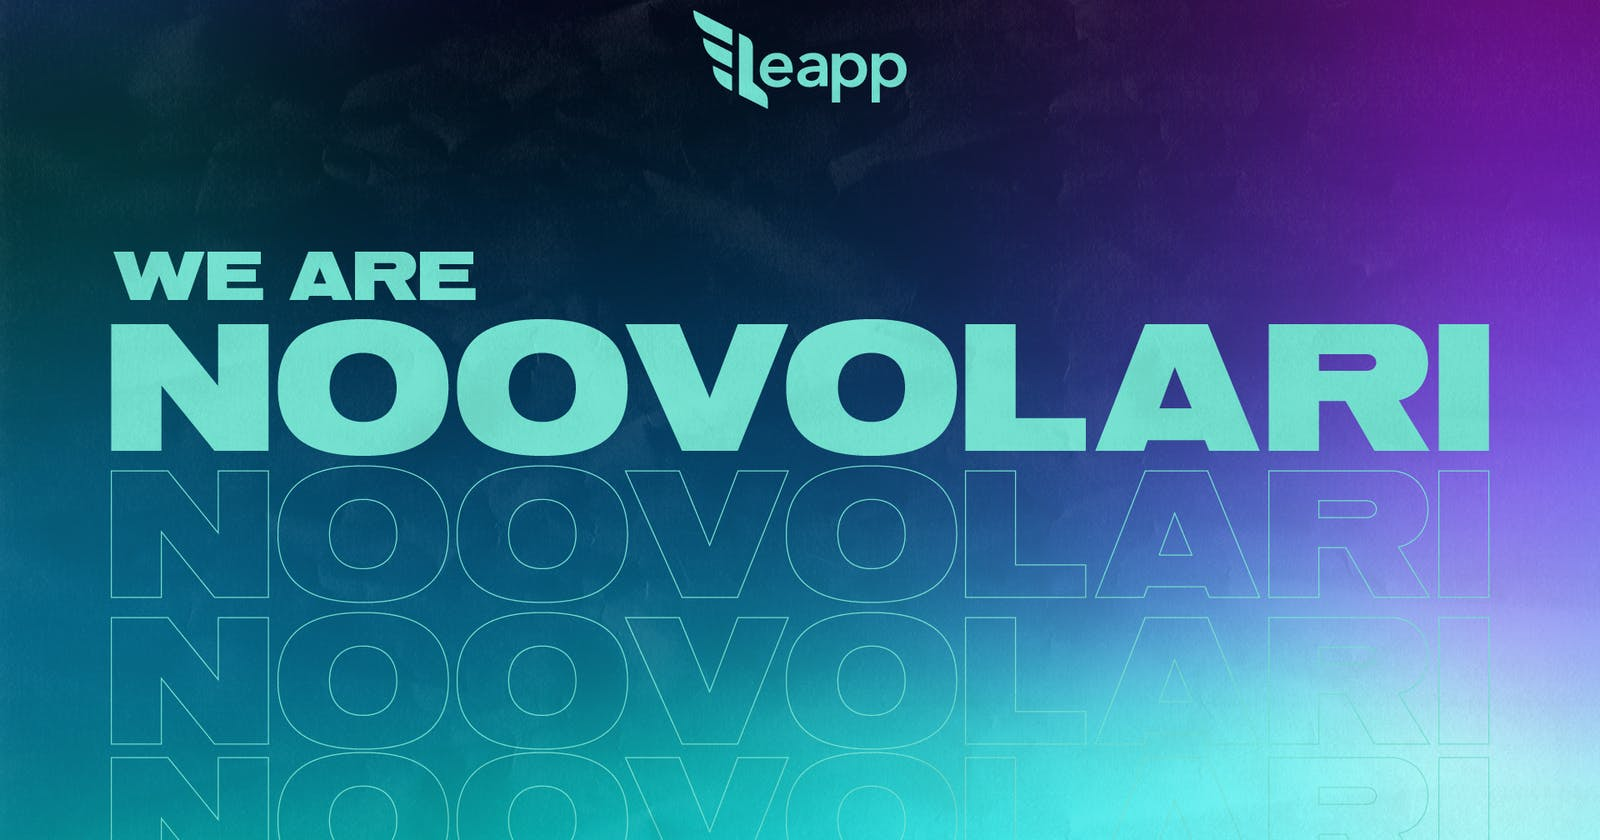 Road to Noovolari